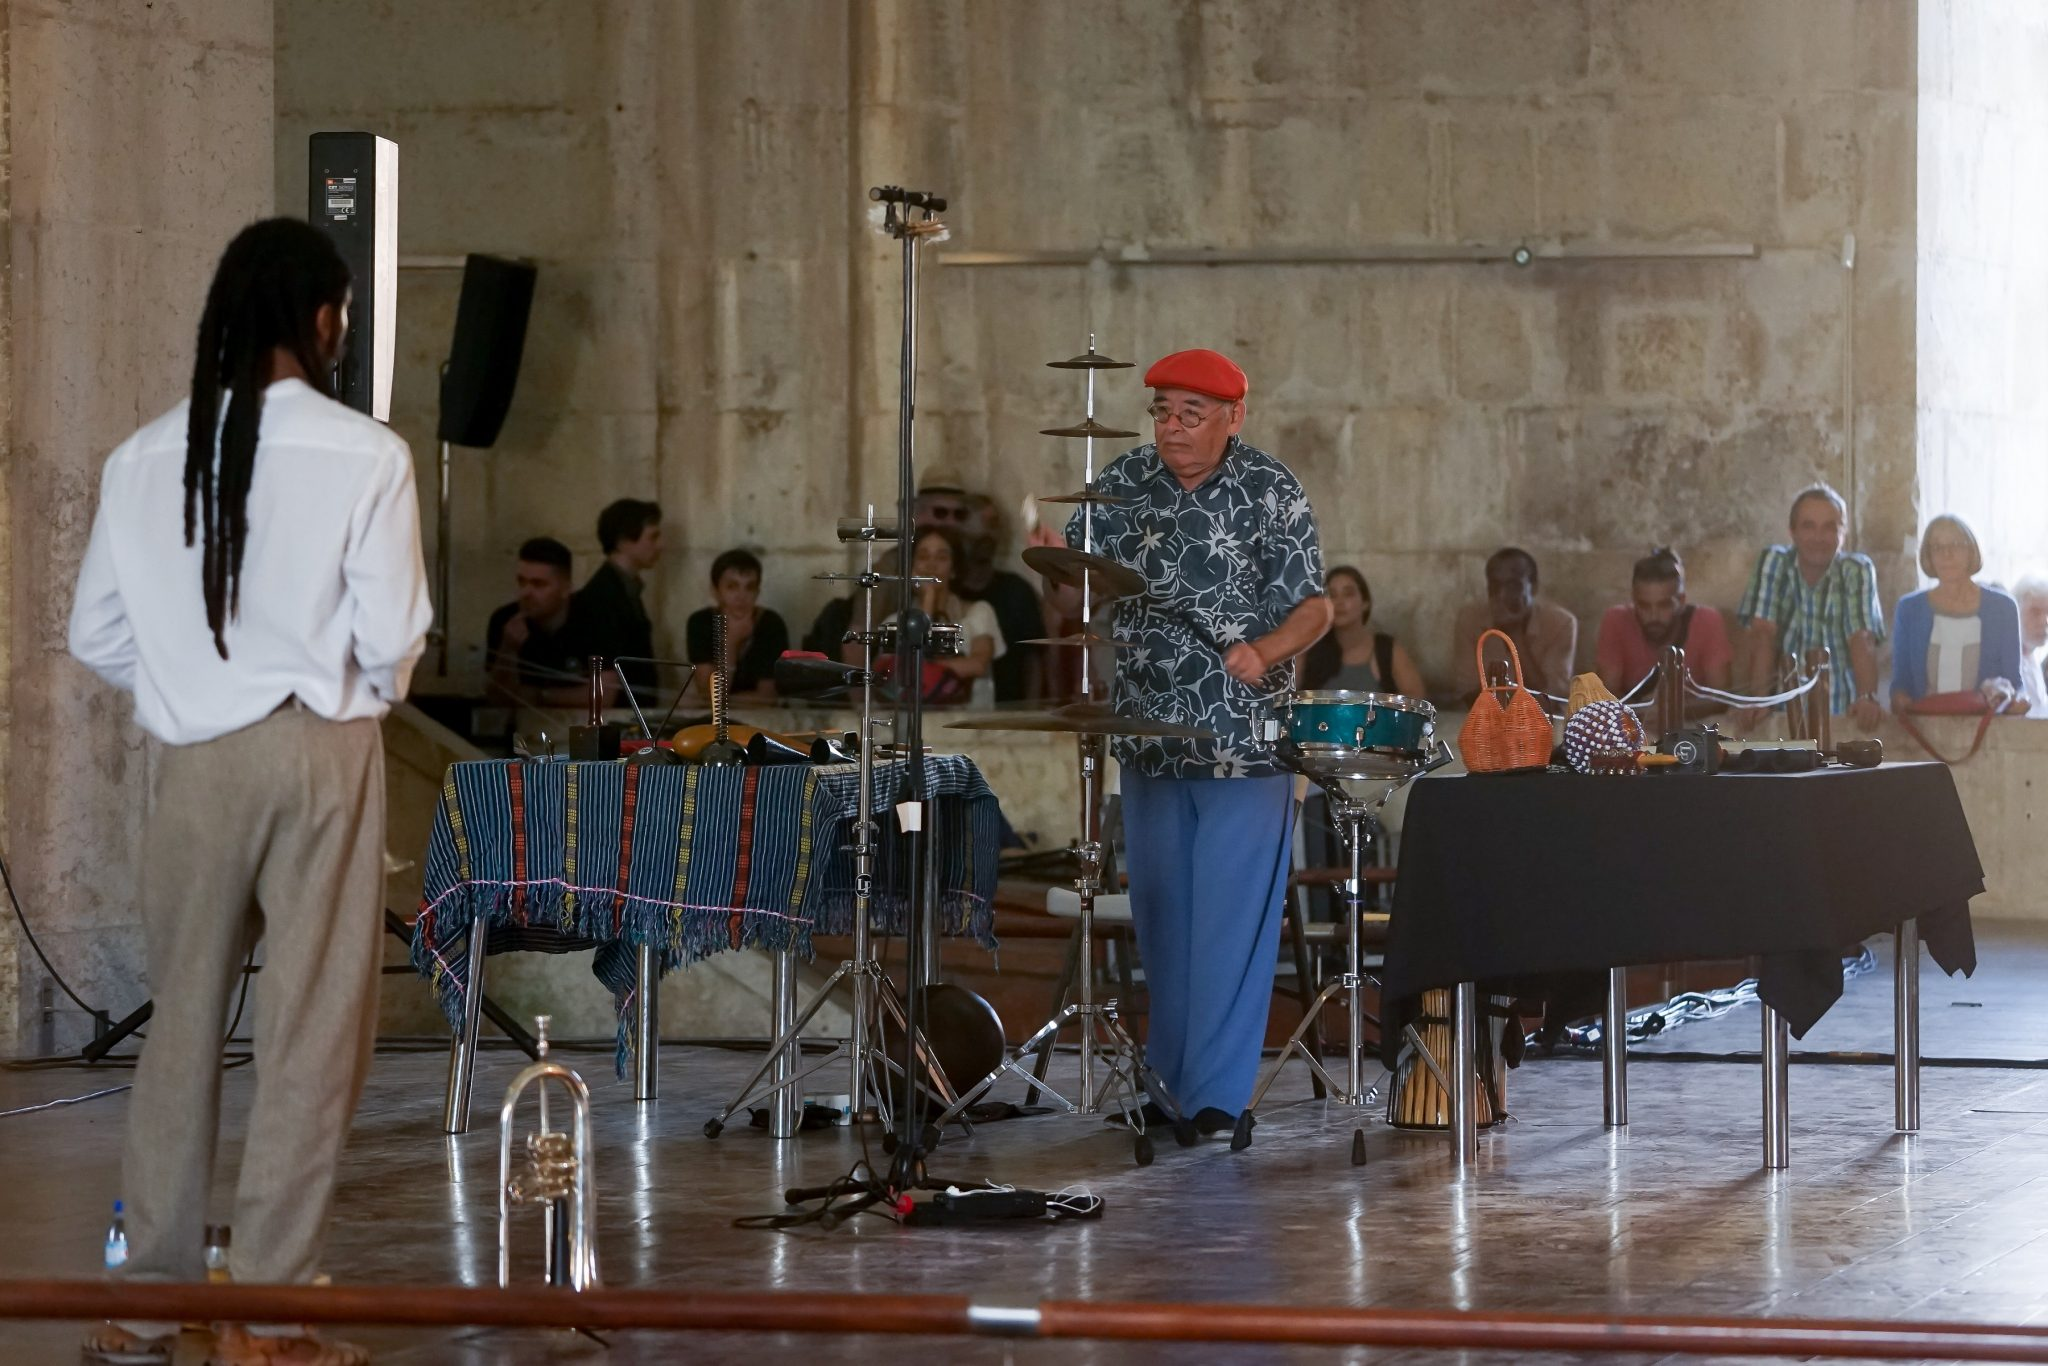 Os músicos Yaw Tembe, de costas para o observador, e Francisco Trindade, de frente para o observador, com uma boina vermelha, durante atuação num palco em cima da água. Ao fundo, um grupo de pessoas assiste ao concerto